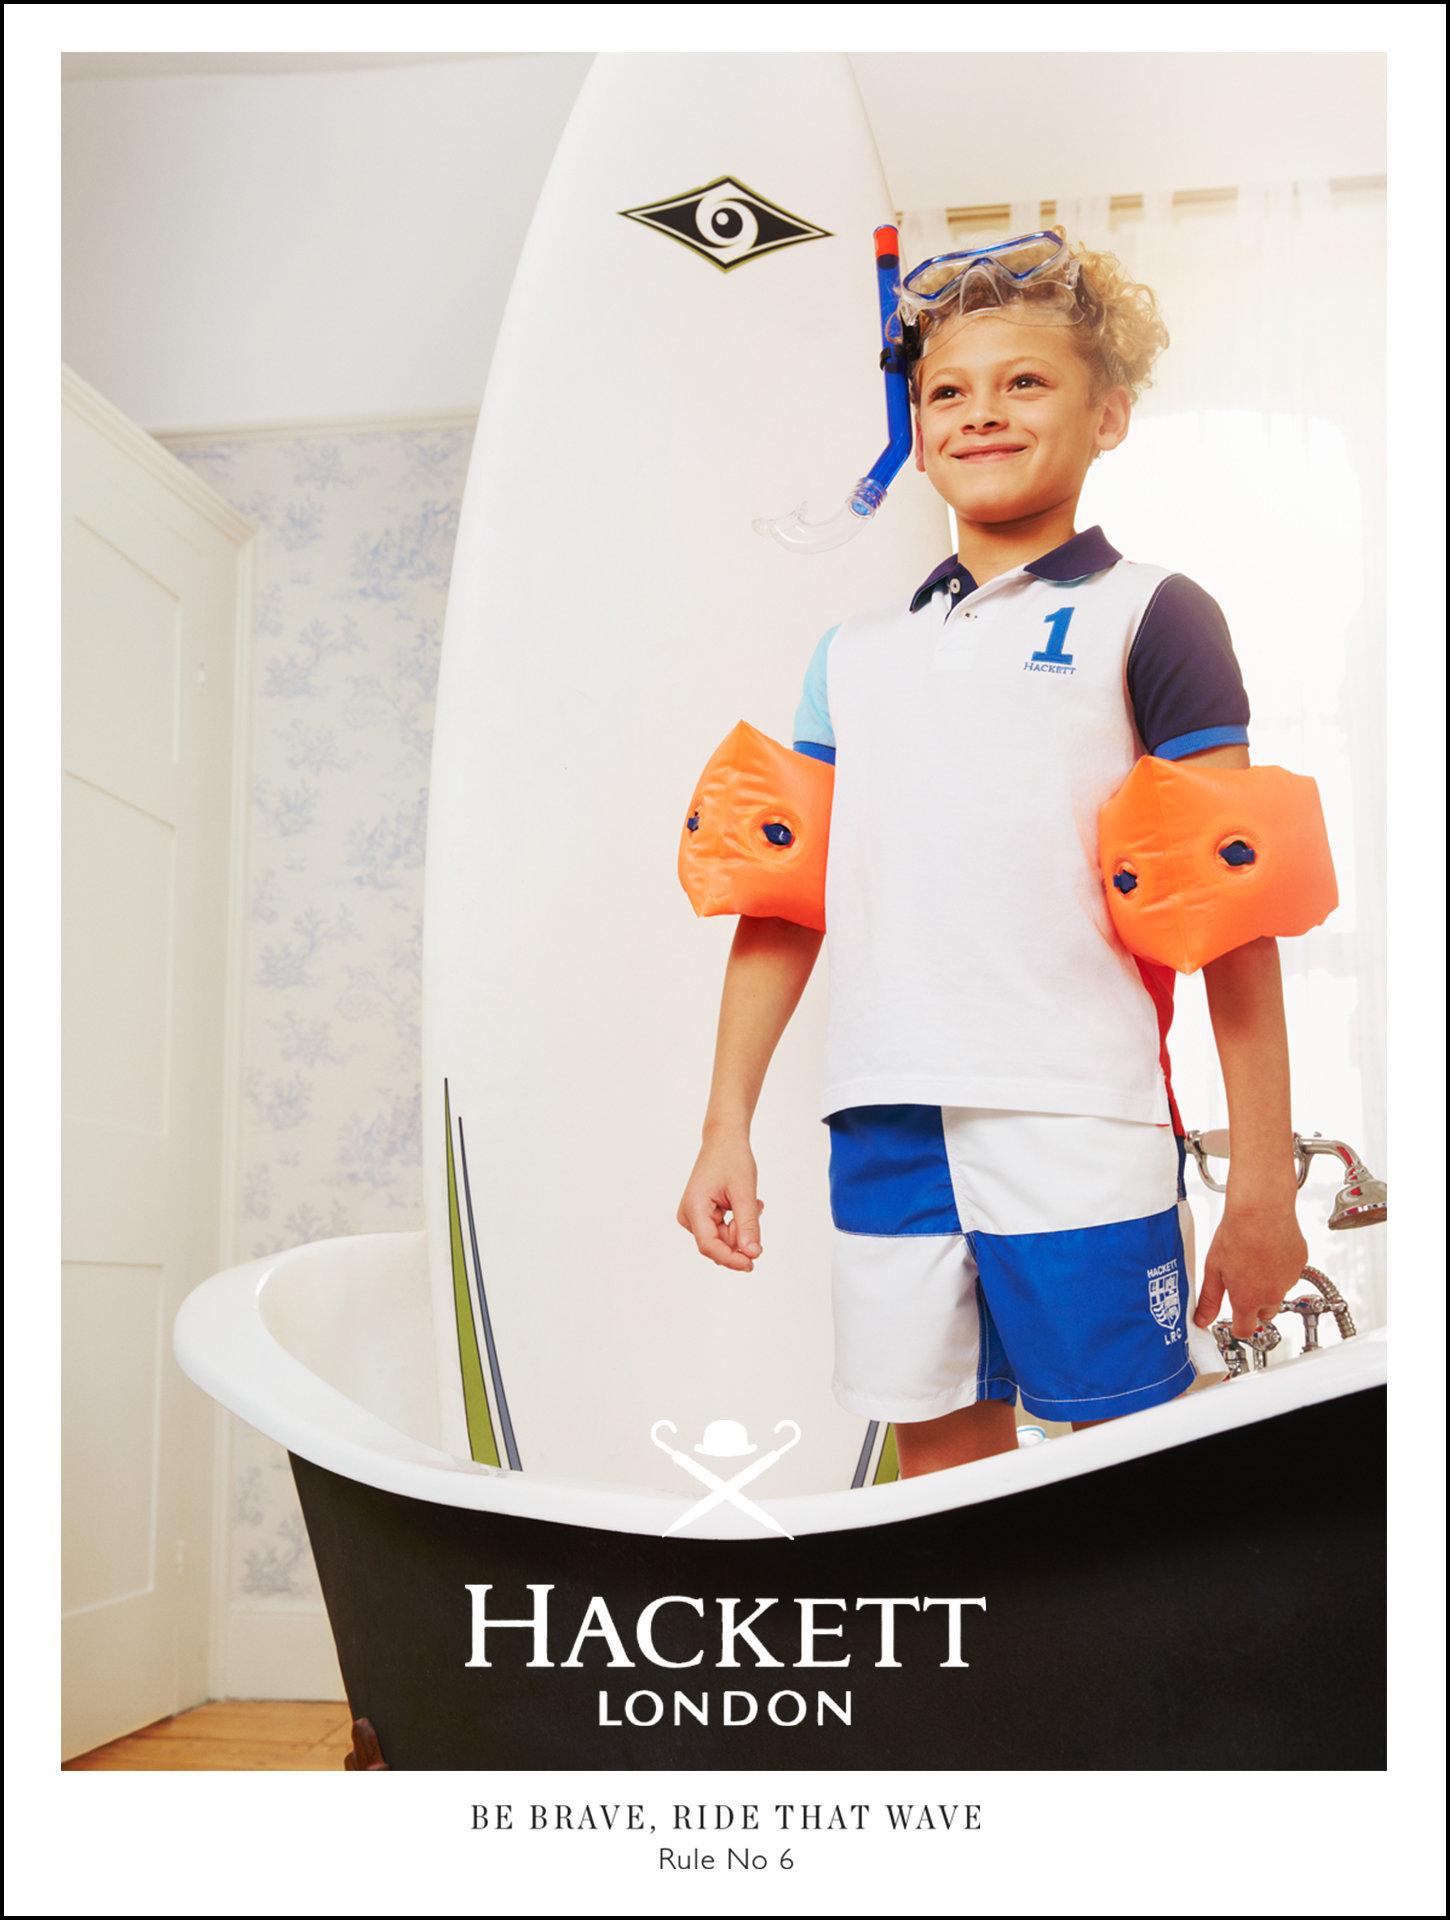 hackett_aw14_rule_c-1.jpg